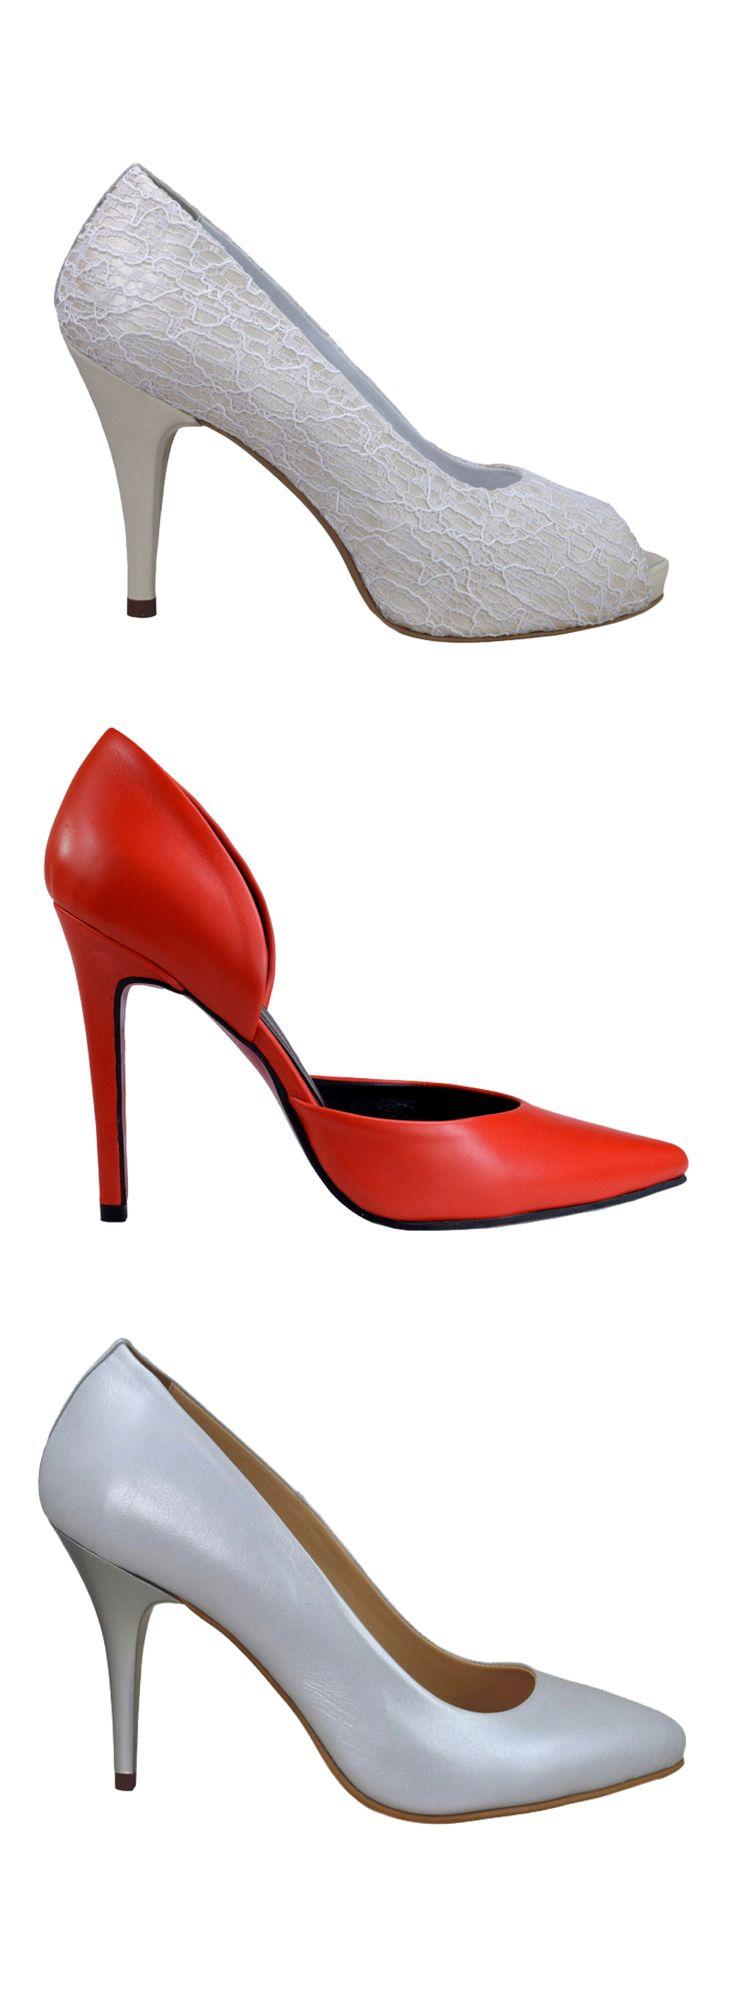 Pantofi de mireasă, eleganți, foarte comozi, din piele naturală Mărimi 32-42, toate inălțimile de toc. Prețuri de producător, transport gratuit.